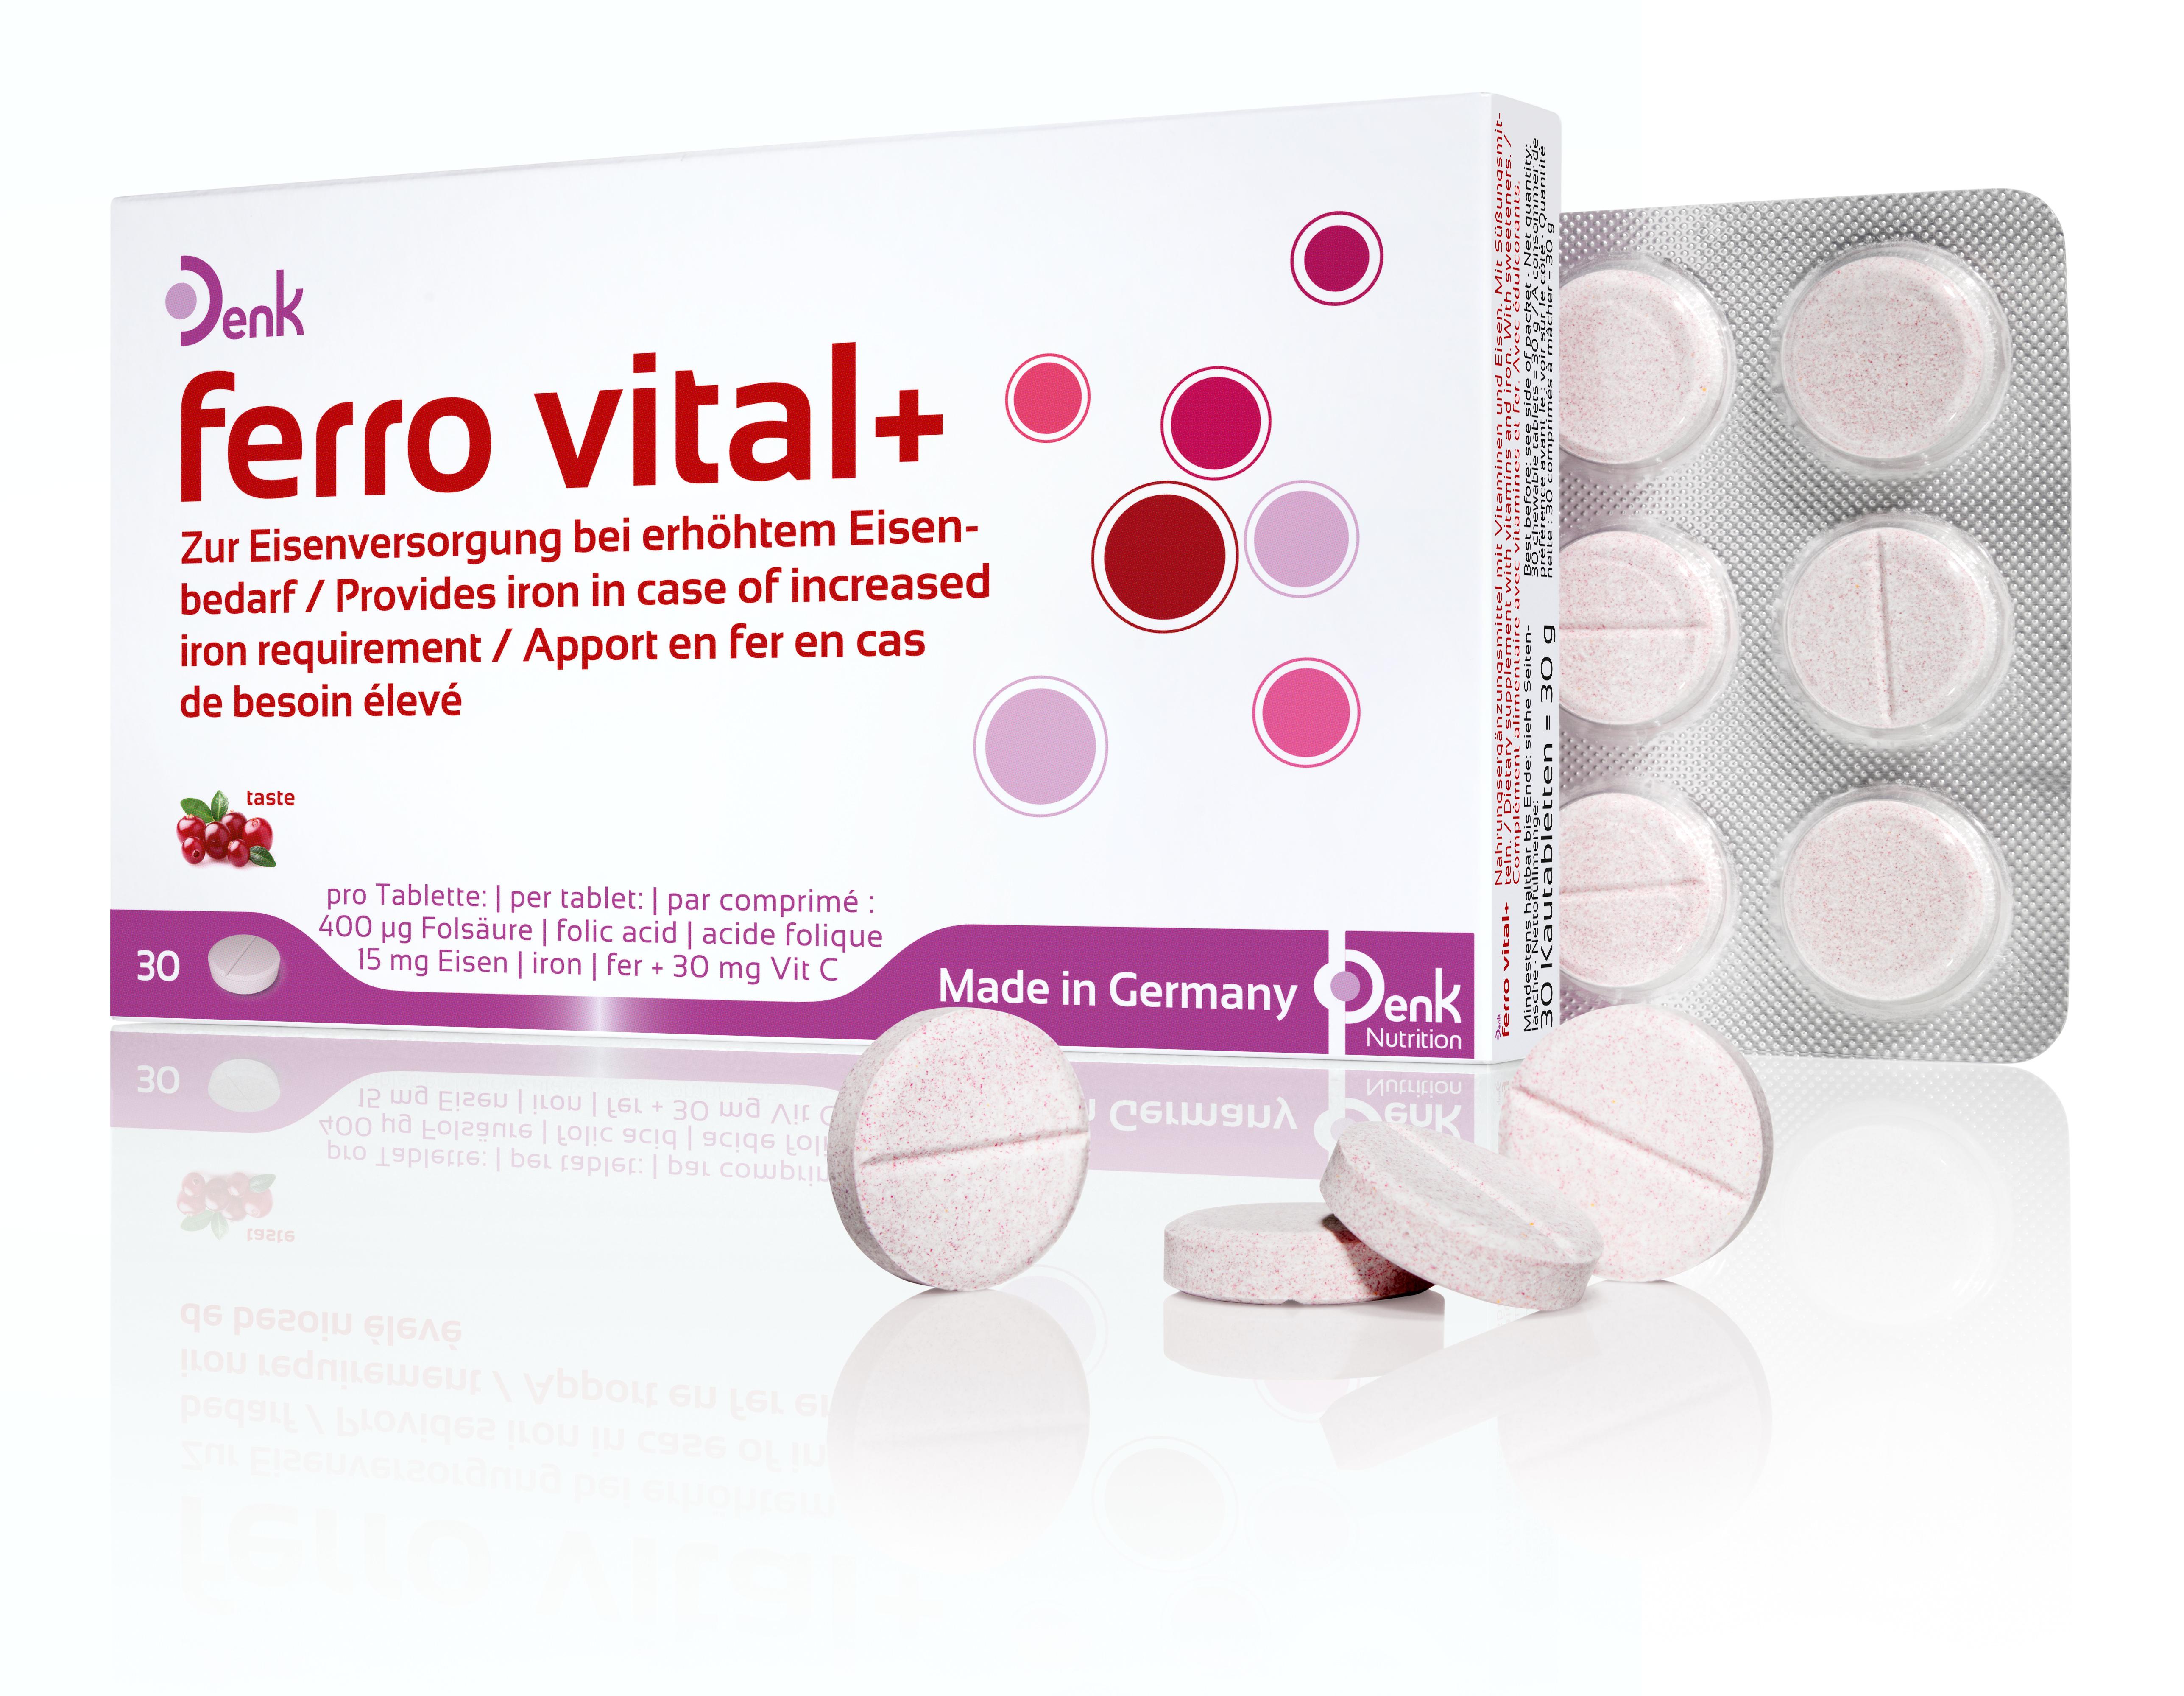 Ferro vital+ V1 2016 gross